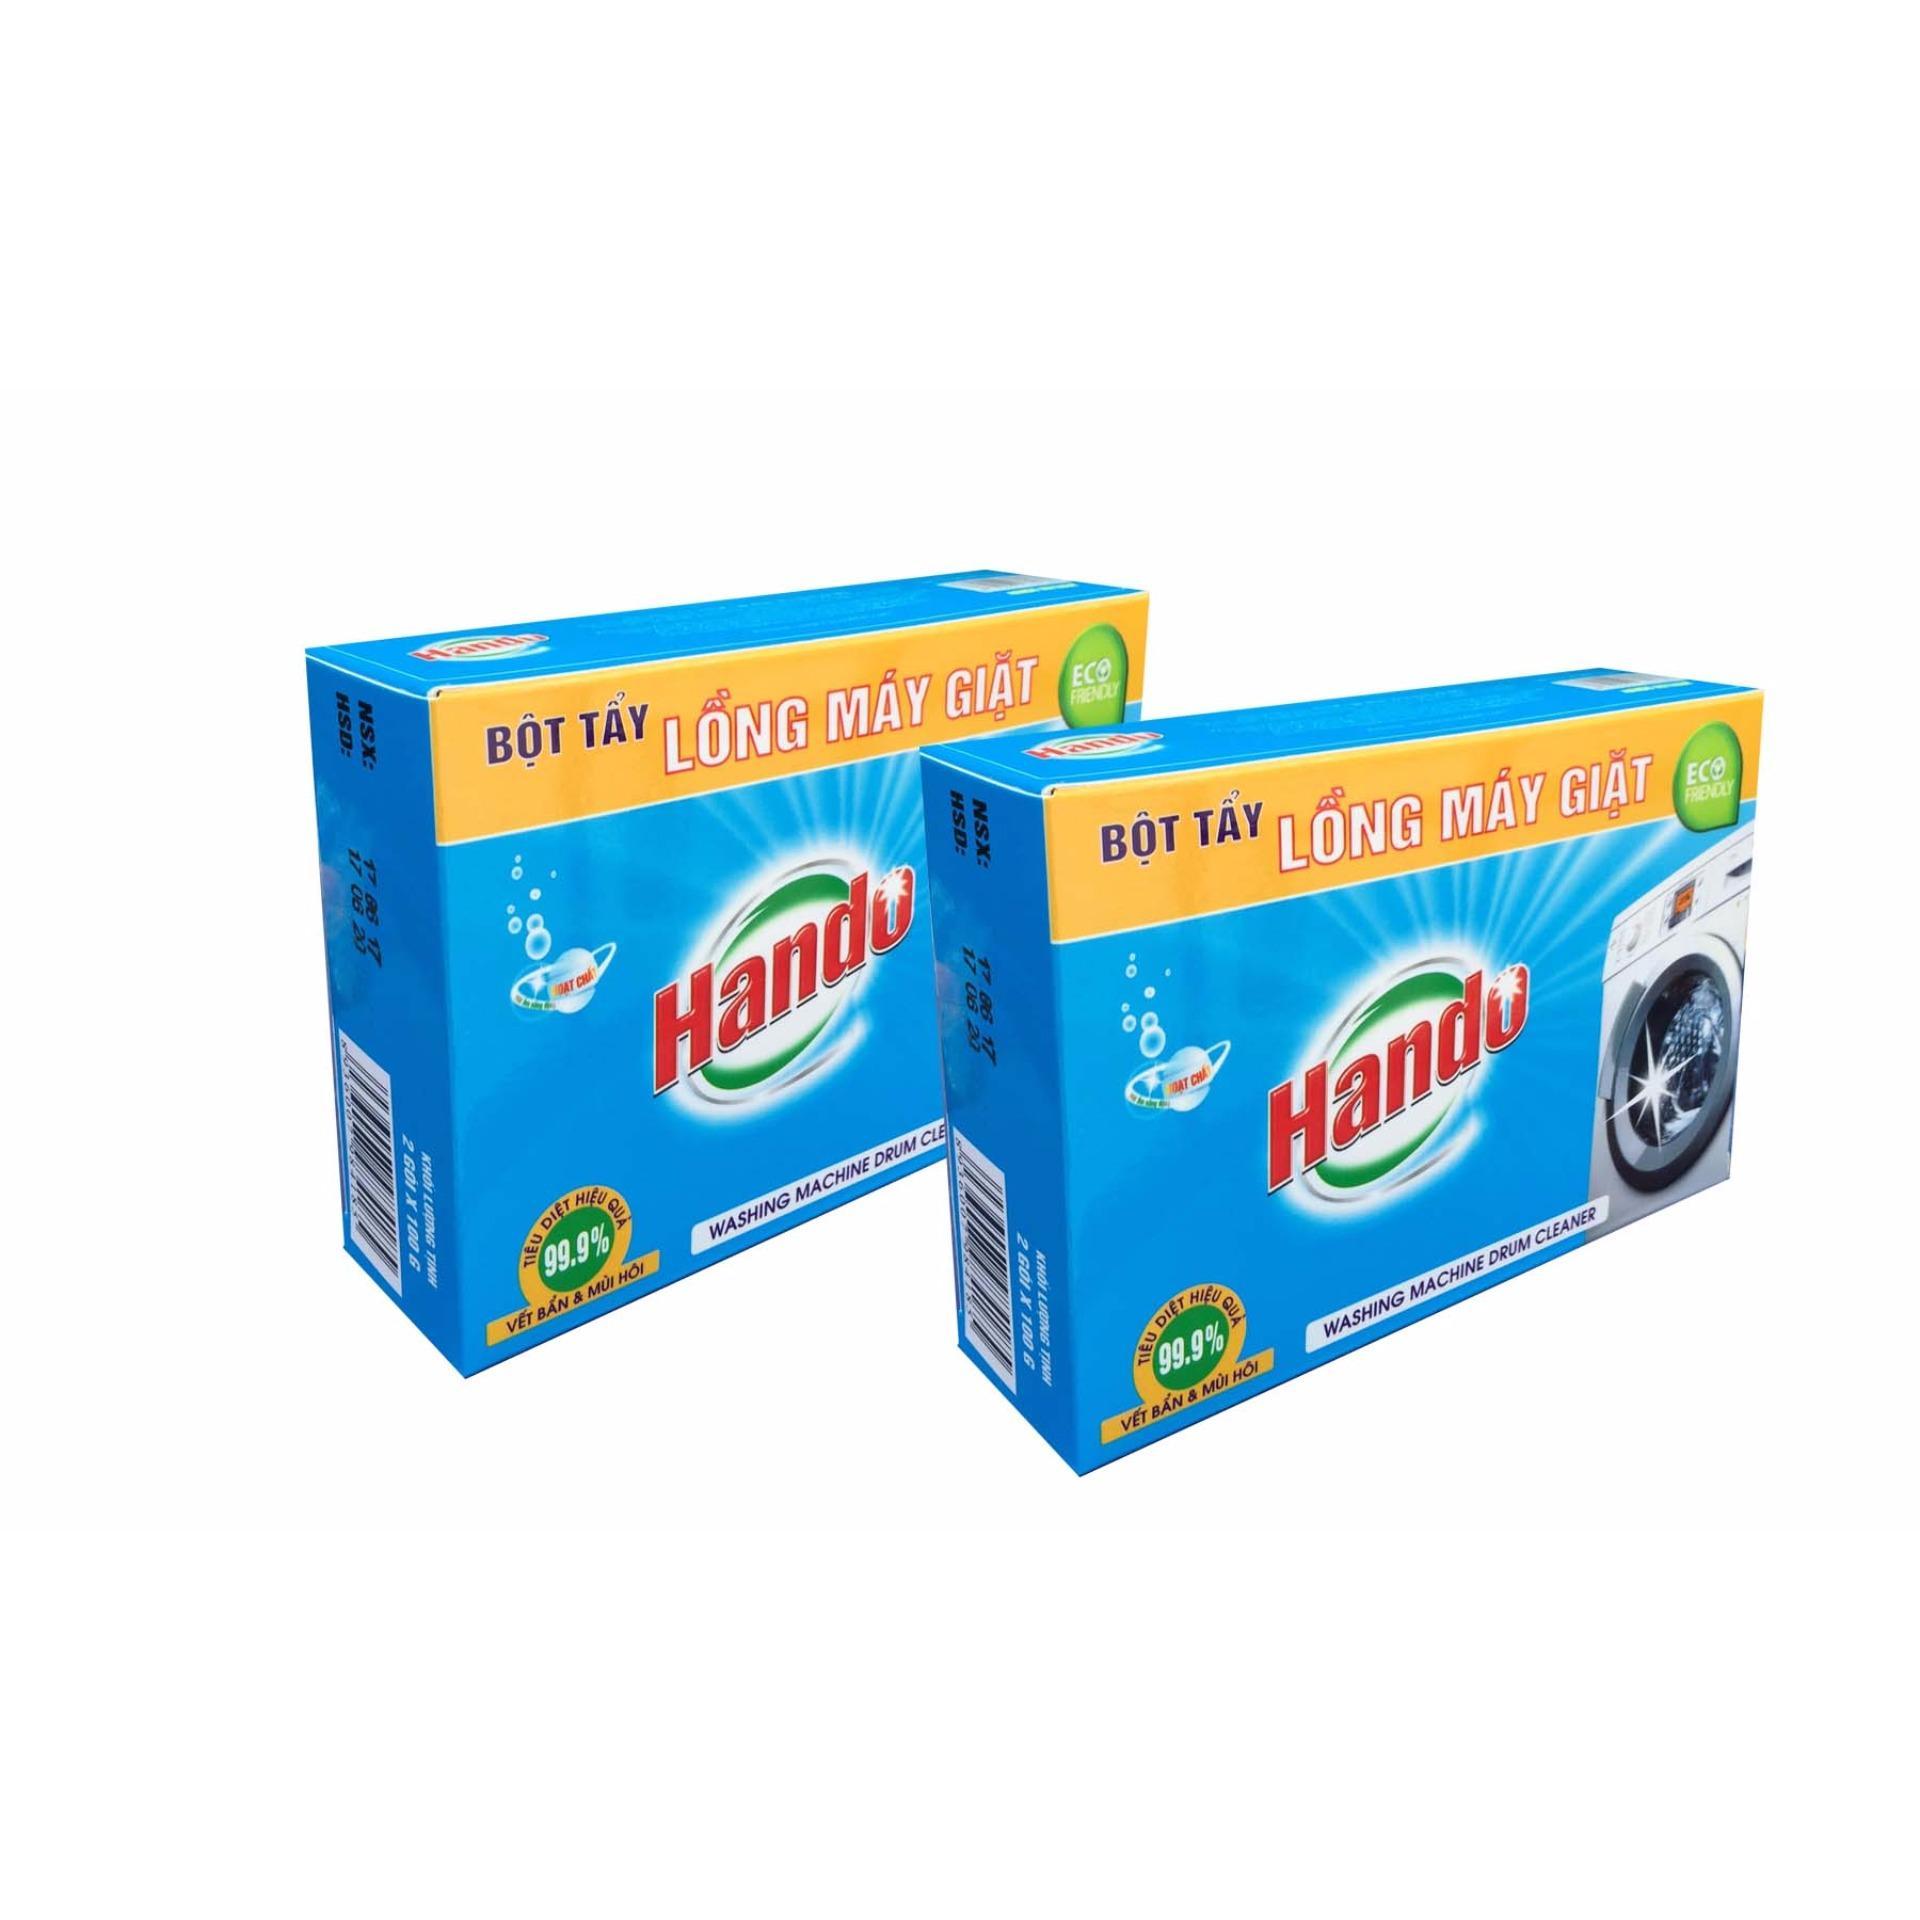 Bách Hóa Online 168 Bộ 2 Hộp 4 Gói Tẩy Lồng Máy Giặt Hando Siêu